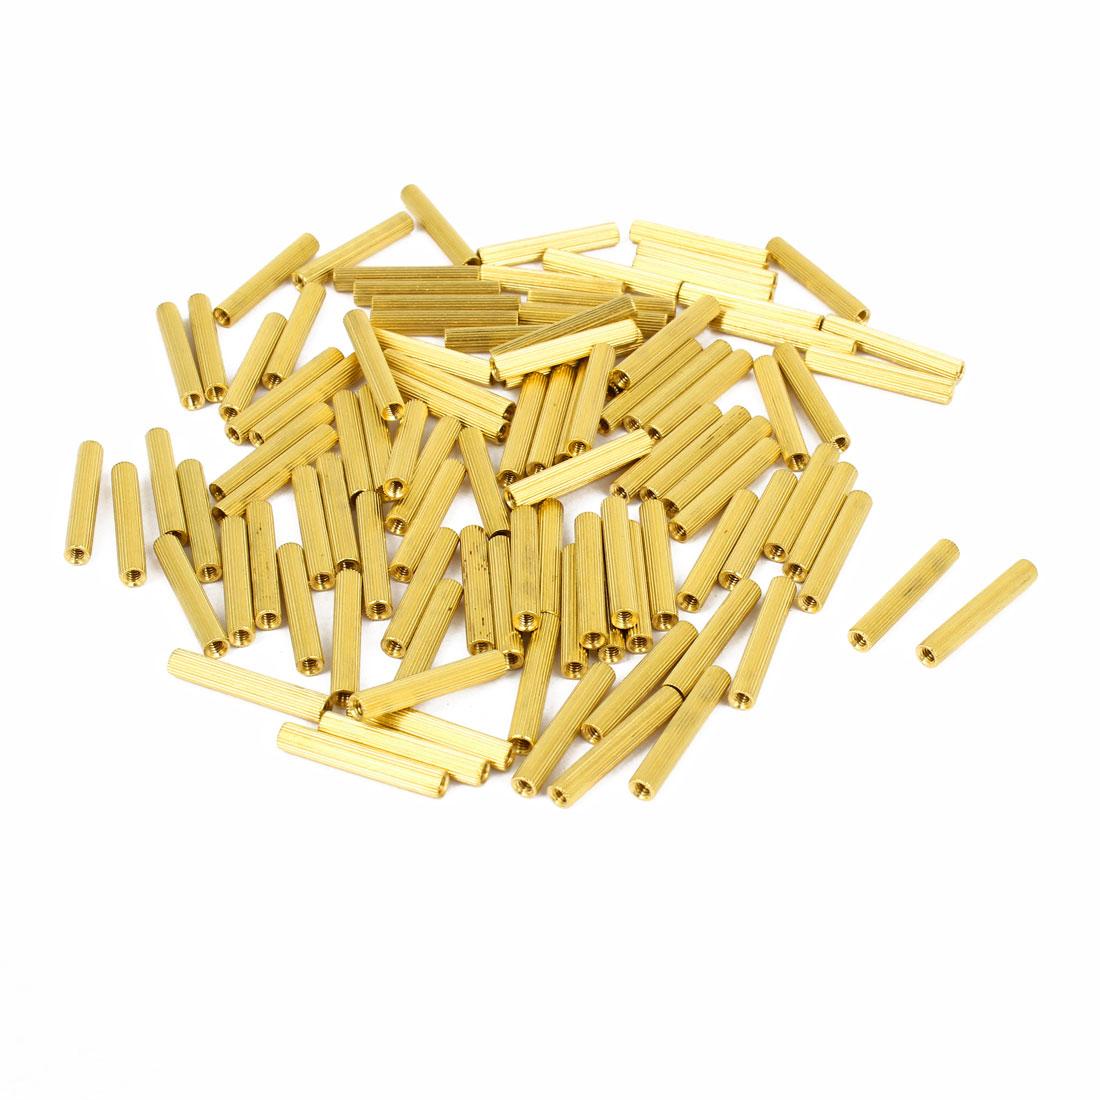 100pcs M2x19mm Hollow Pillar Column Ferrule Cylinder Brass Standoff Spacer